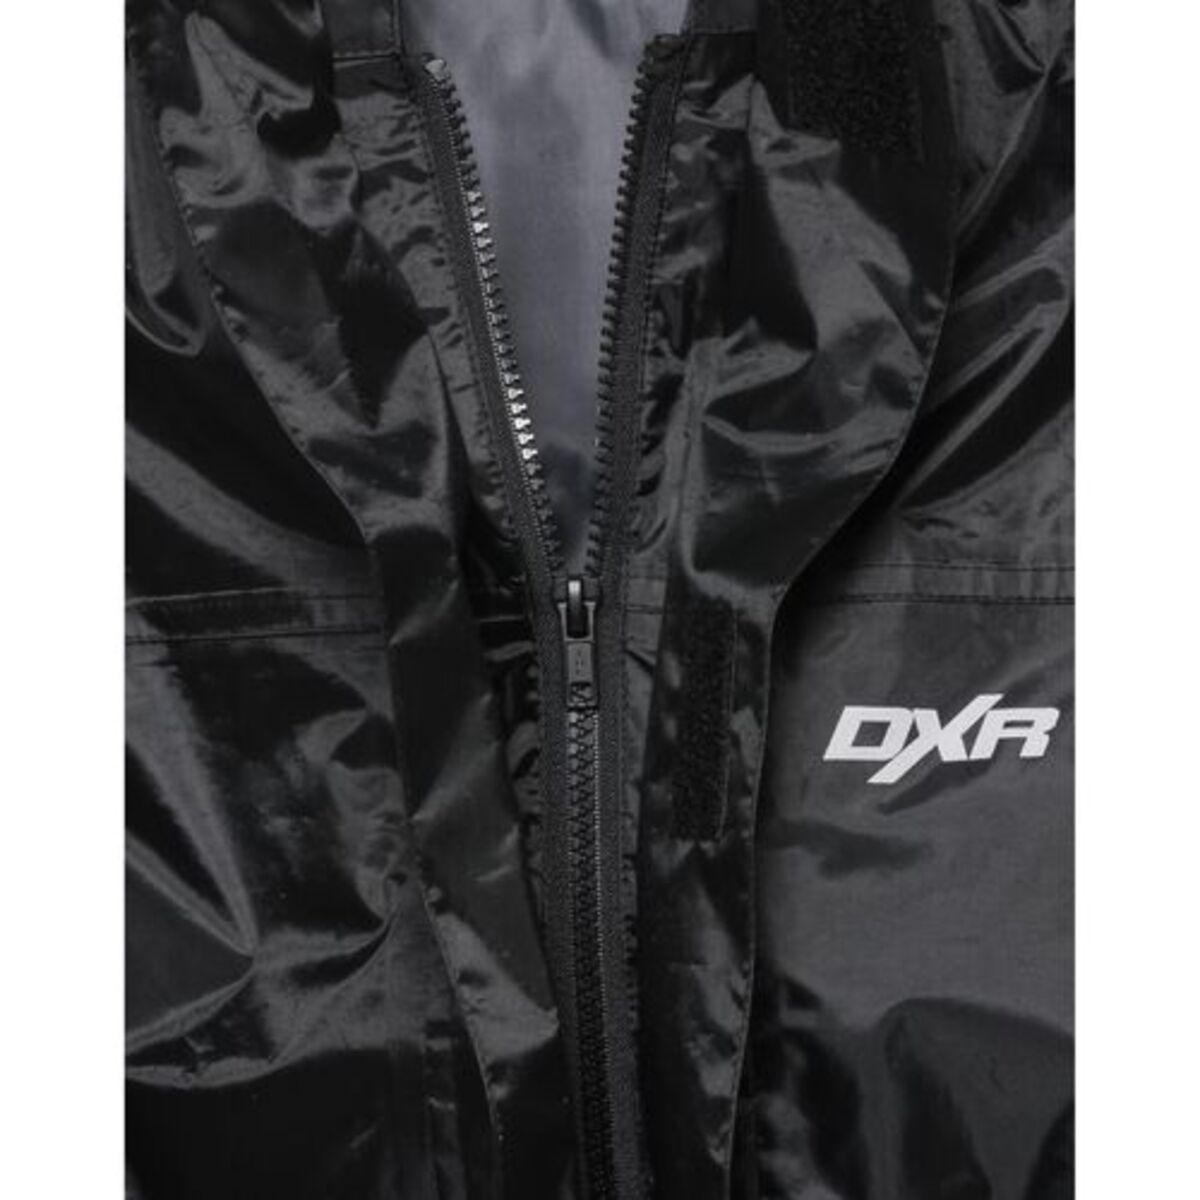 Bild 3 von Road            Textil Regenjacke 2.0 grau/schwarz